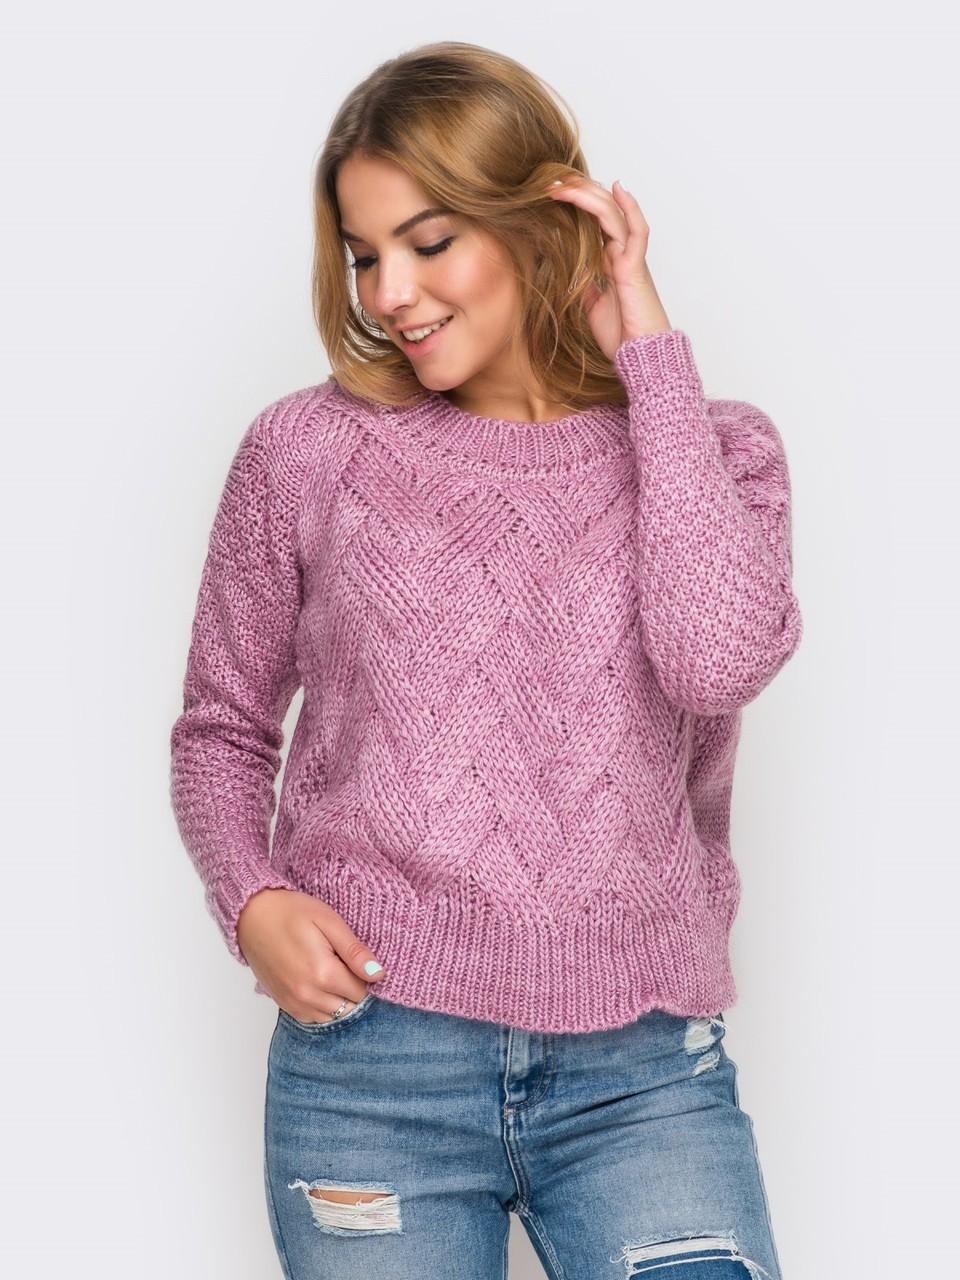 Смотреть Модные женские свитера осень-зима 2019-2020 фото видео